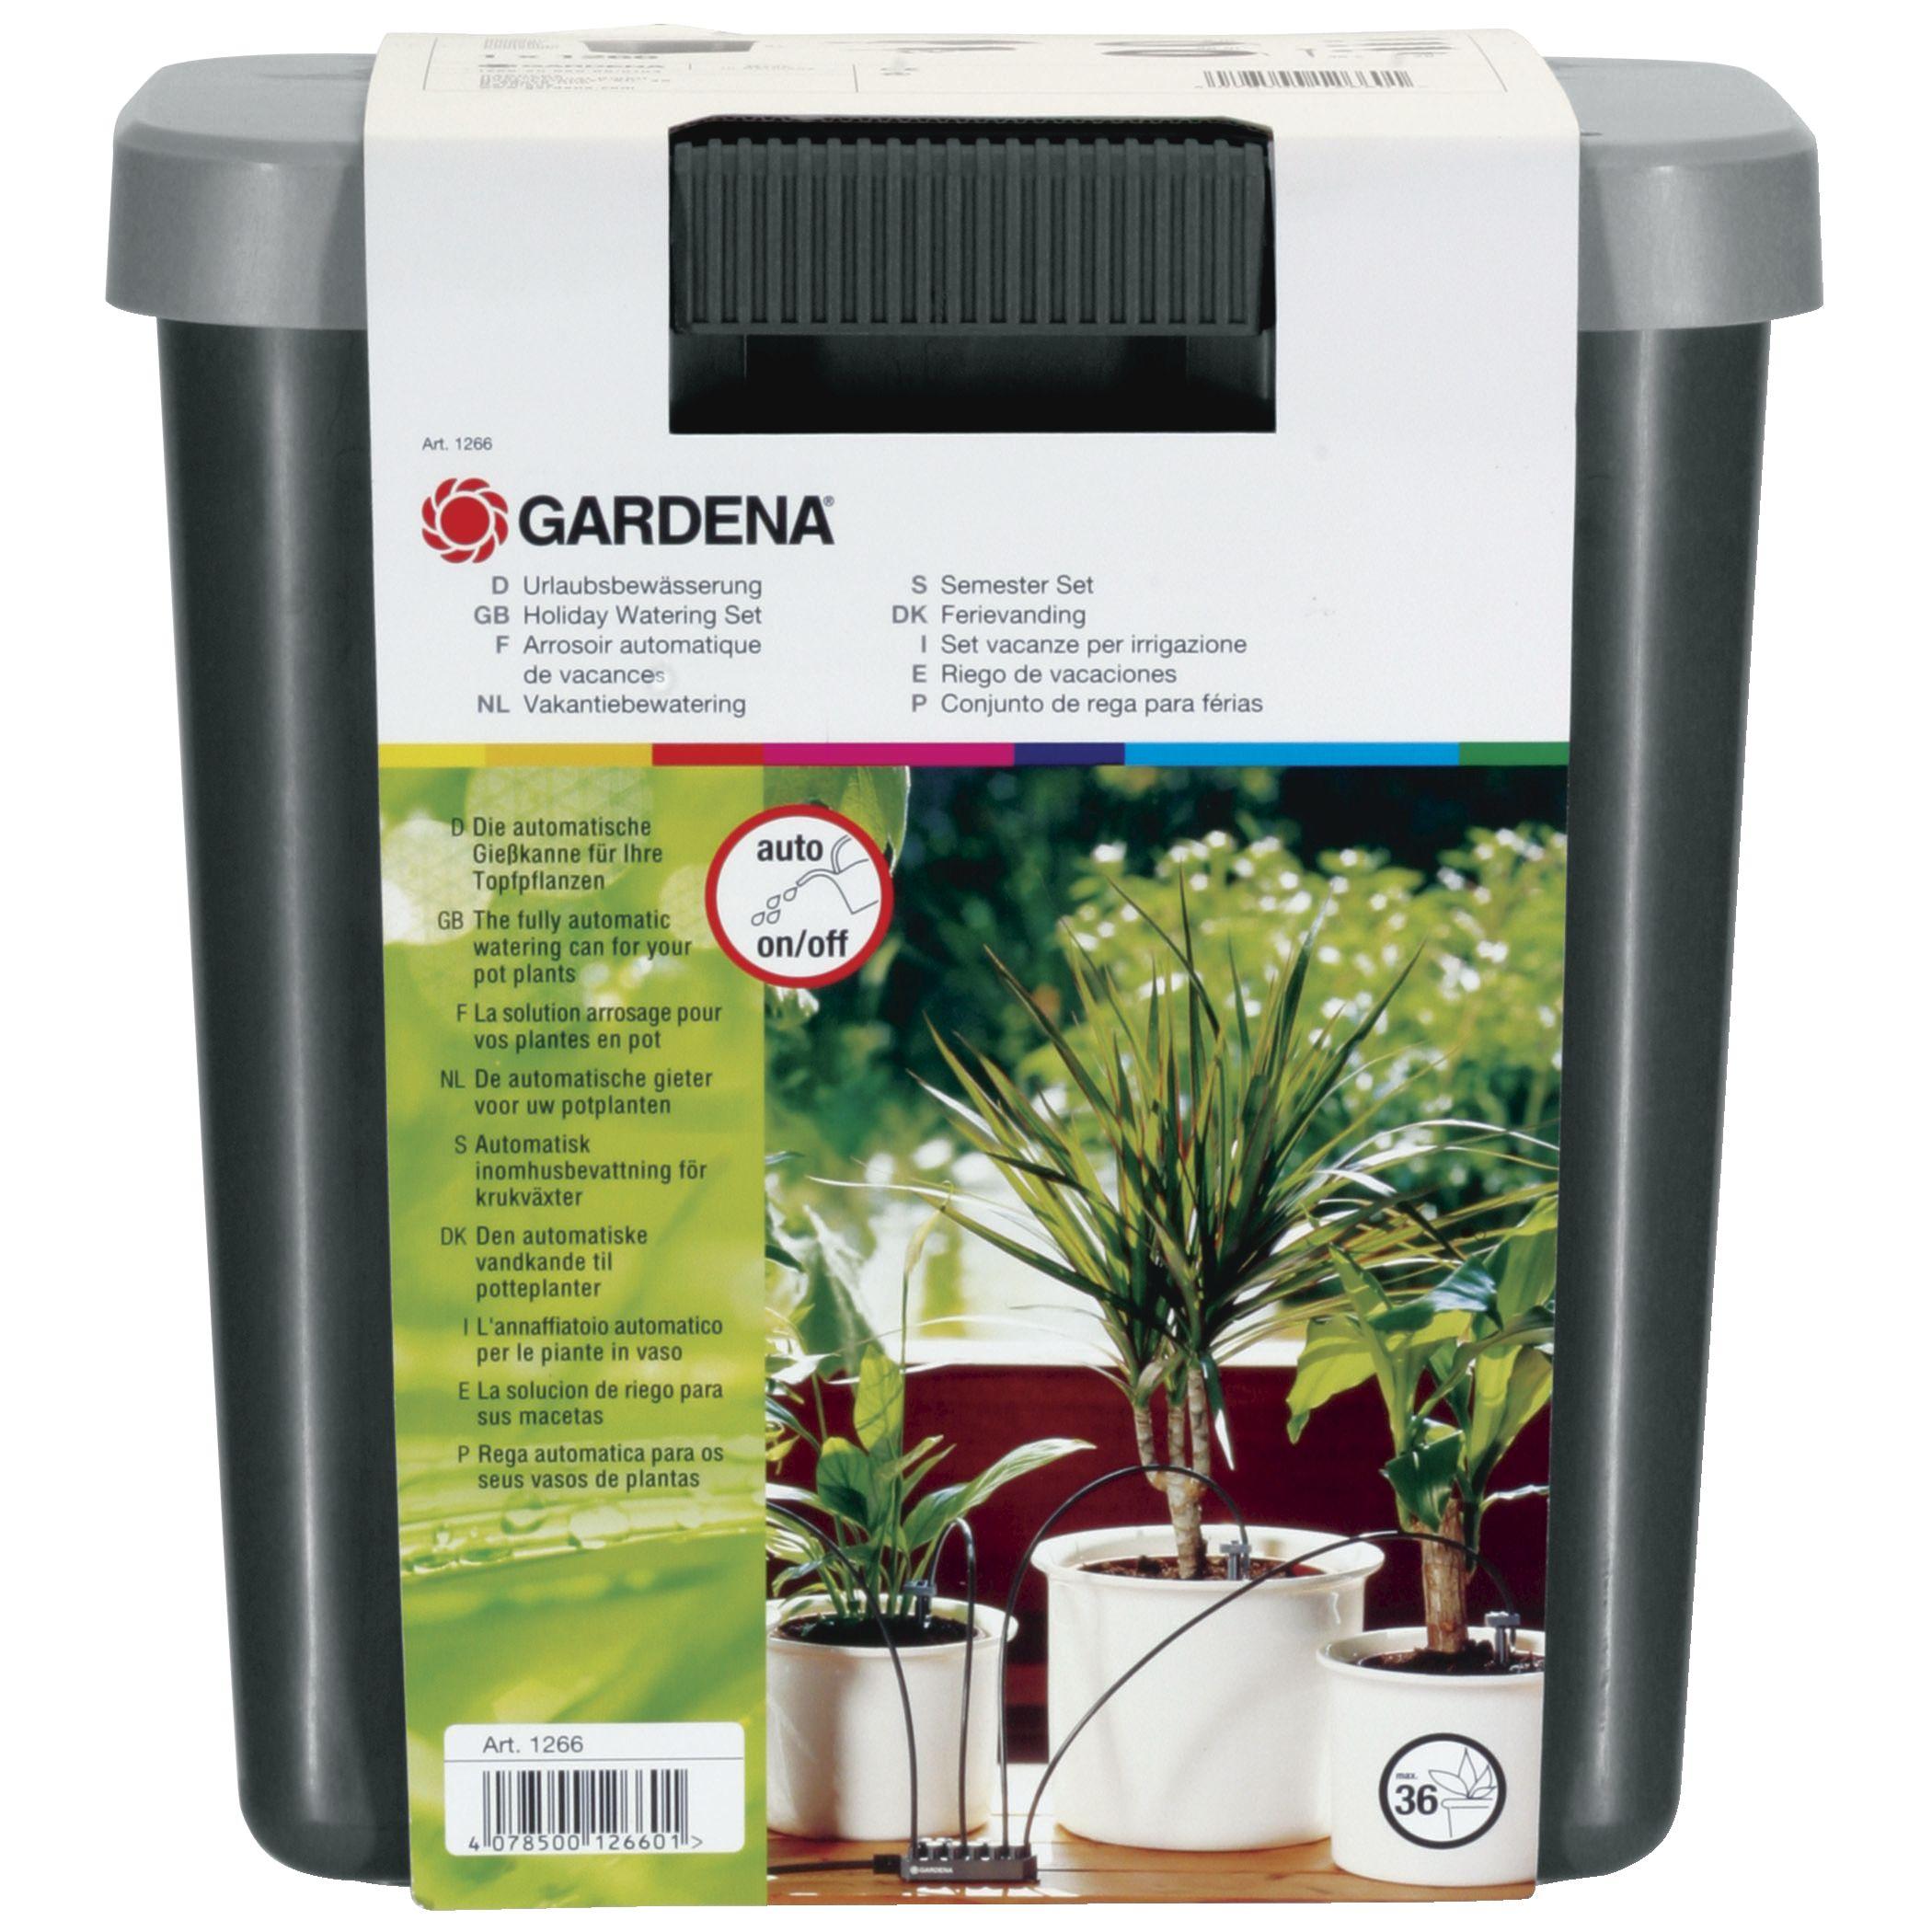 """Gardena""""city gardening Urlaubsbewässerung-Set (1266-20), Bewässerungsautomat"""""""